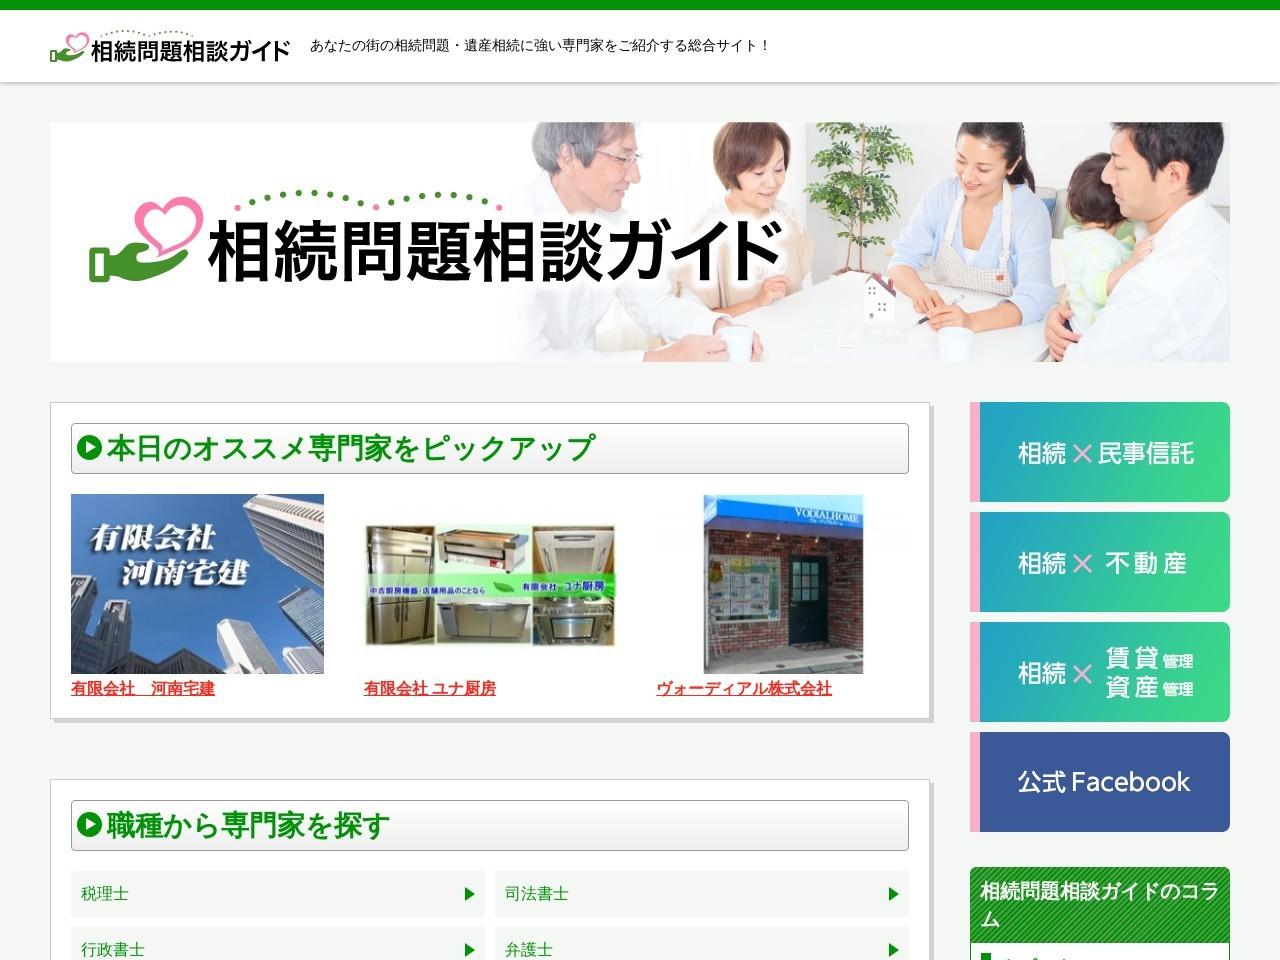 小田原法務事務所